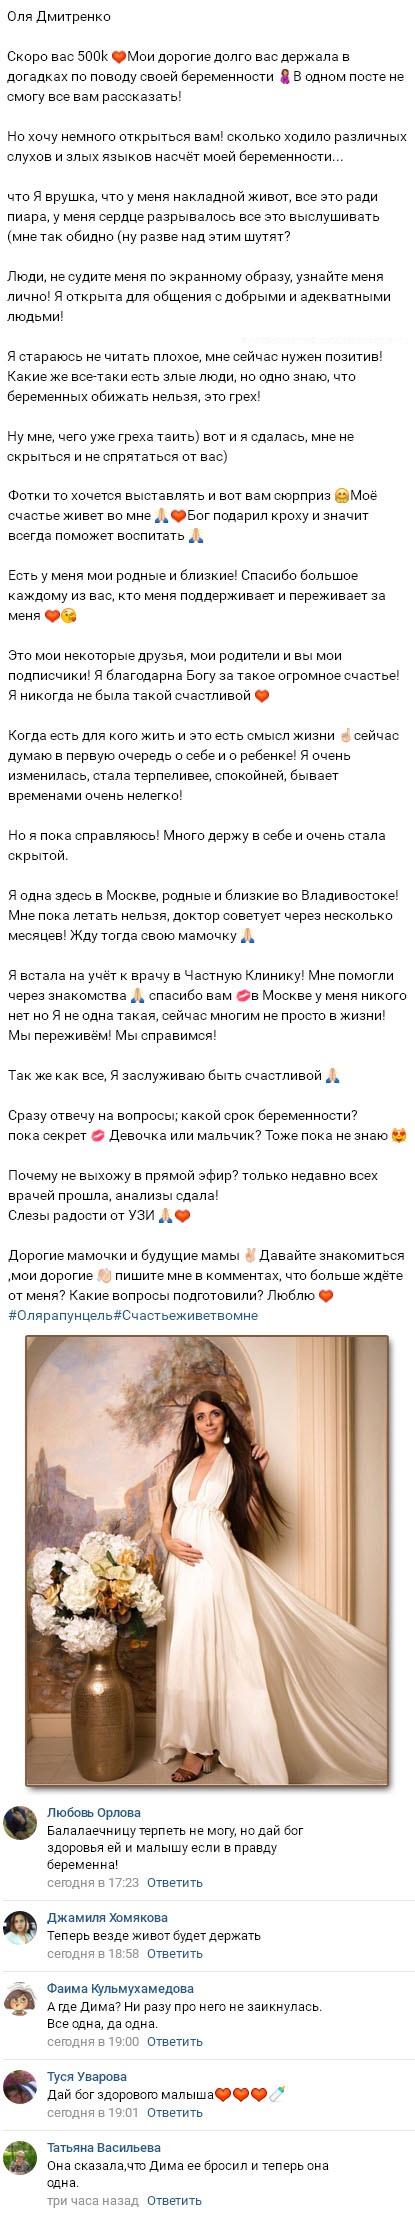 Ольга Рапунцель плакала после результатов УЗИ